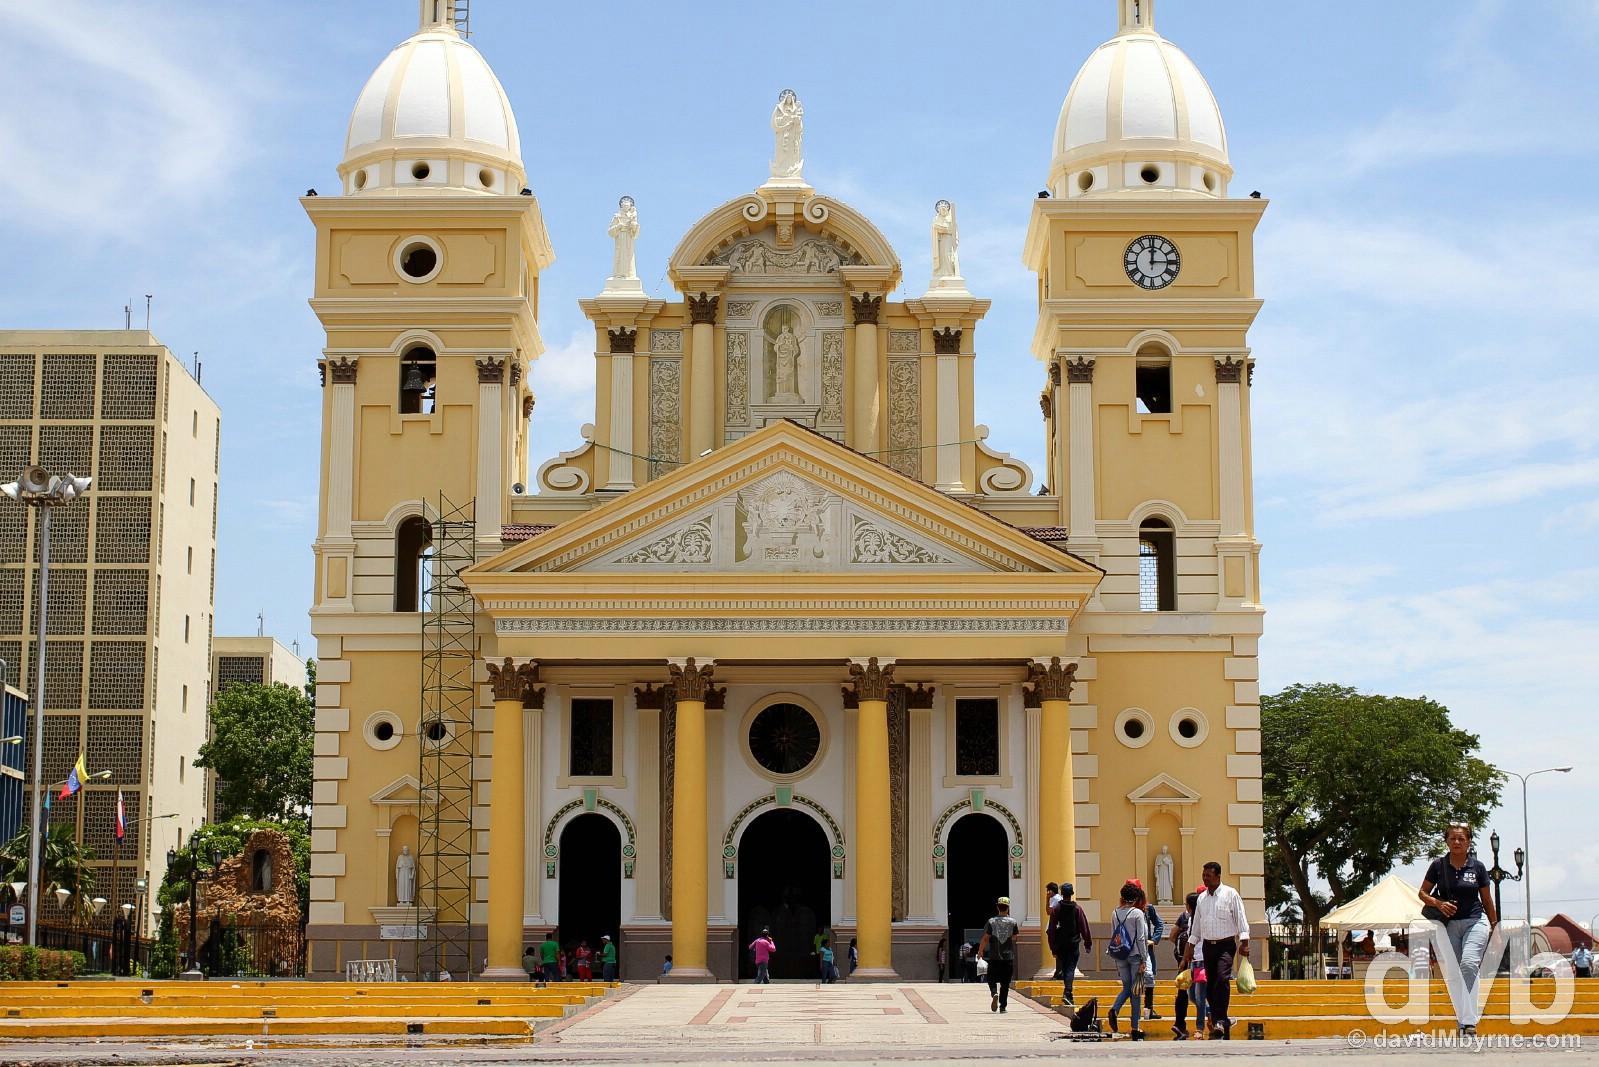 Cathedral Lea Bermudez, Plaza Baralt, Maracaibo, Venezuela. June 22, 2015.